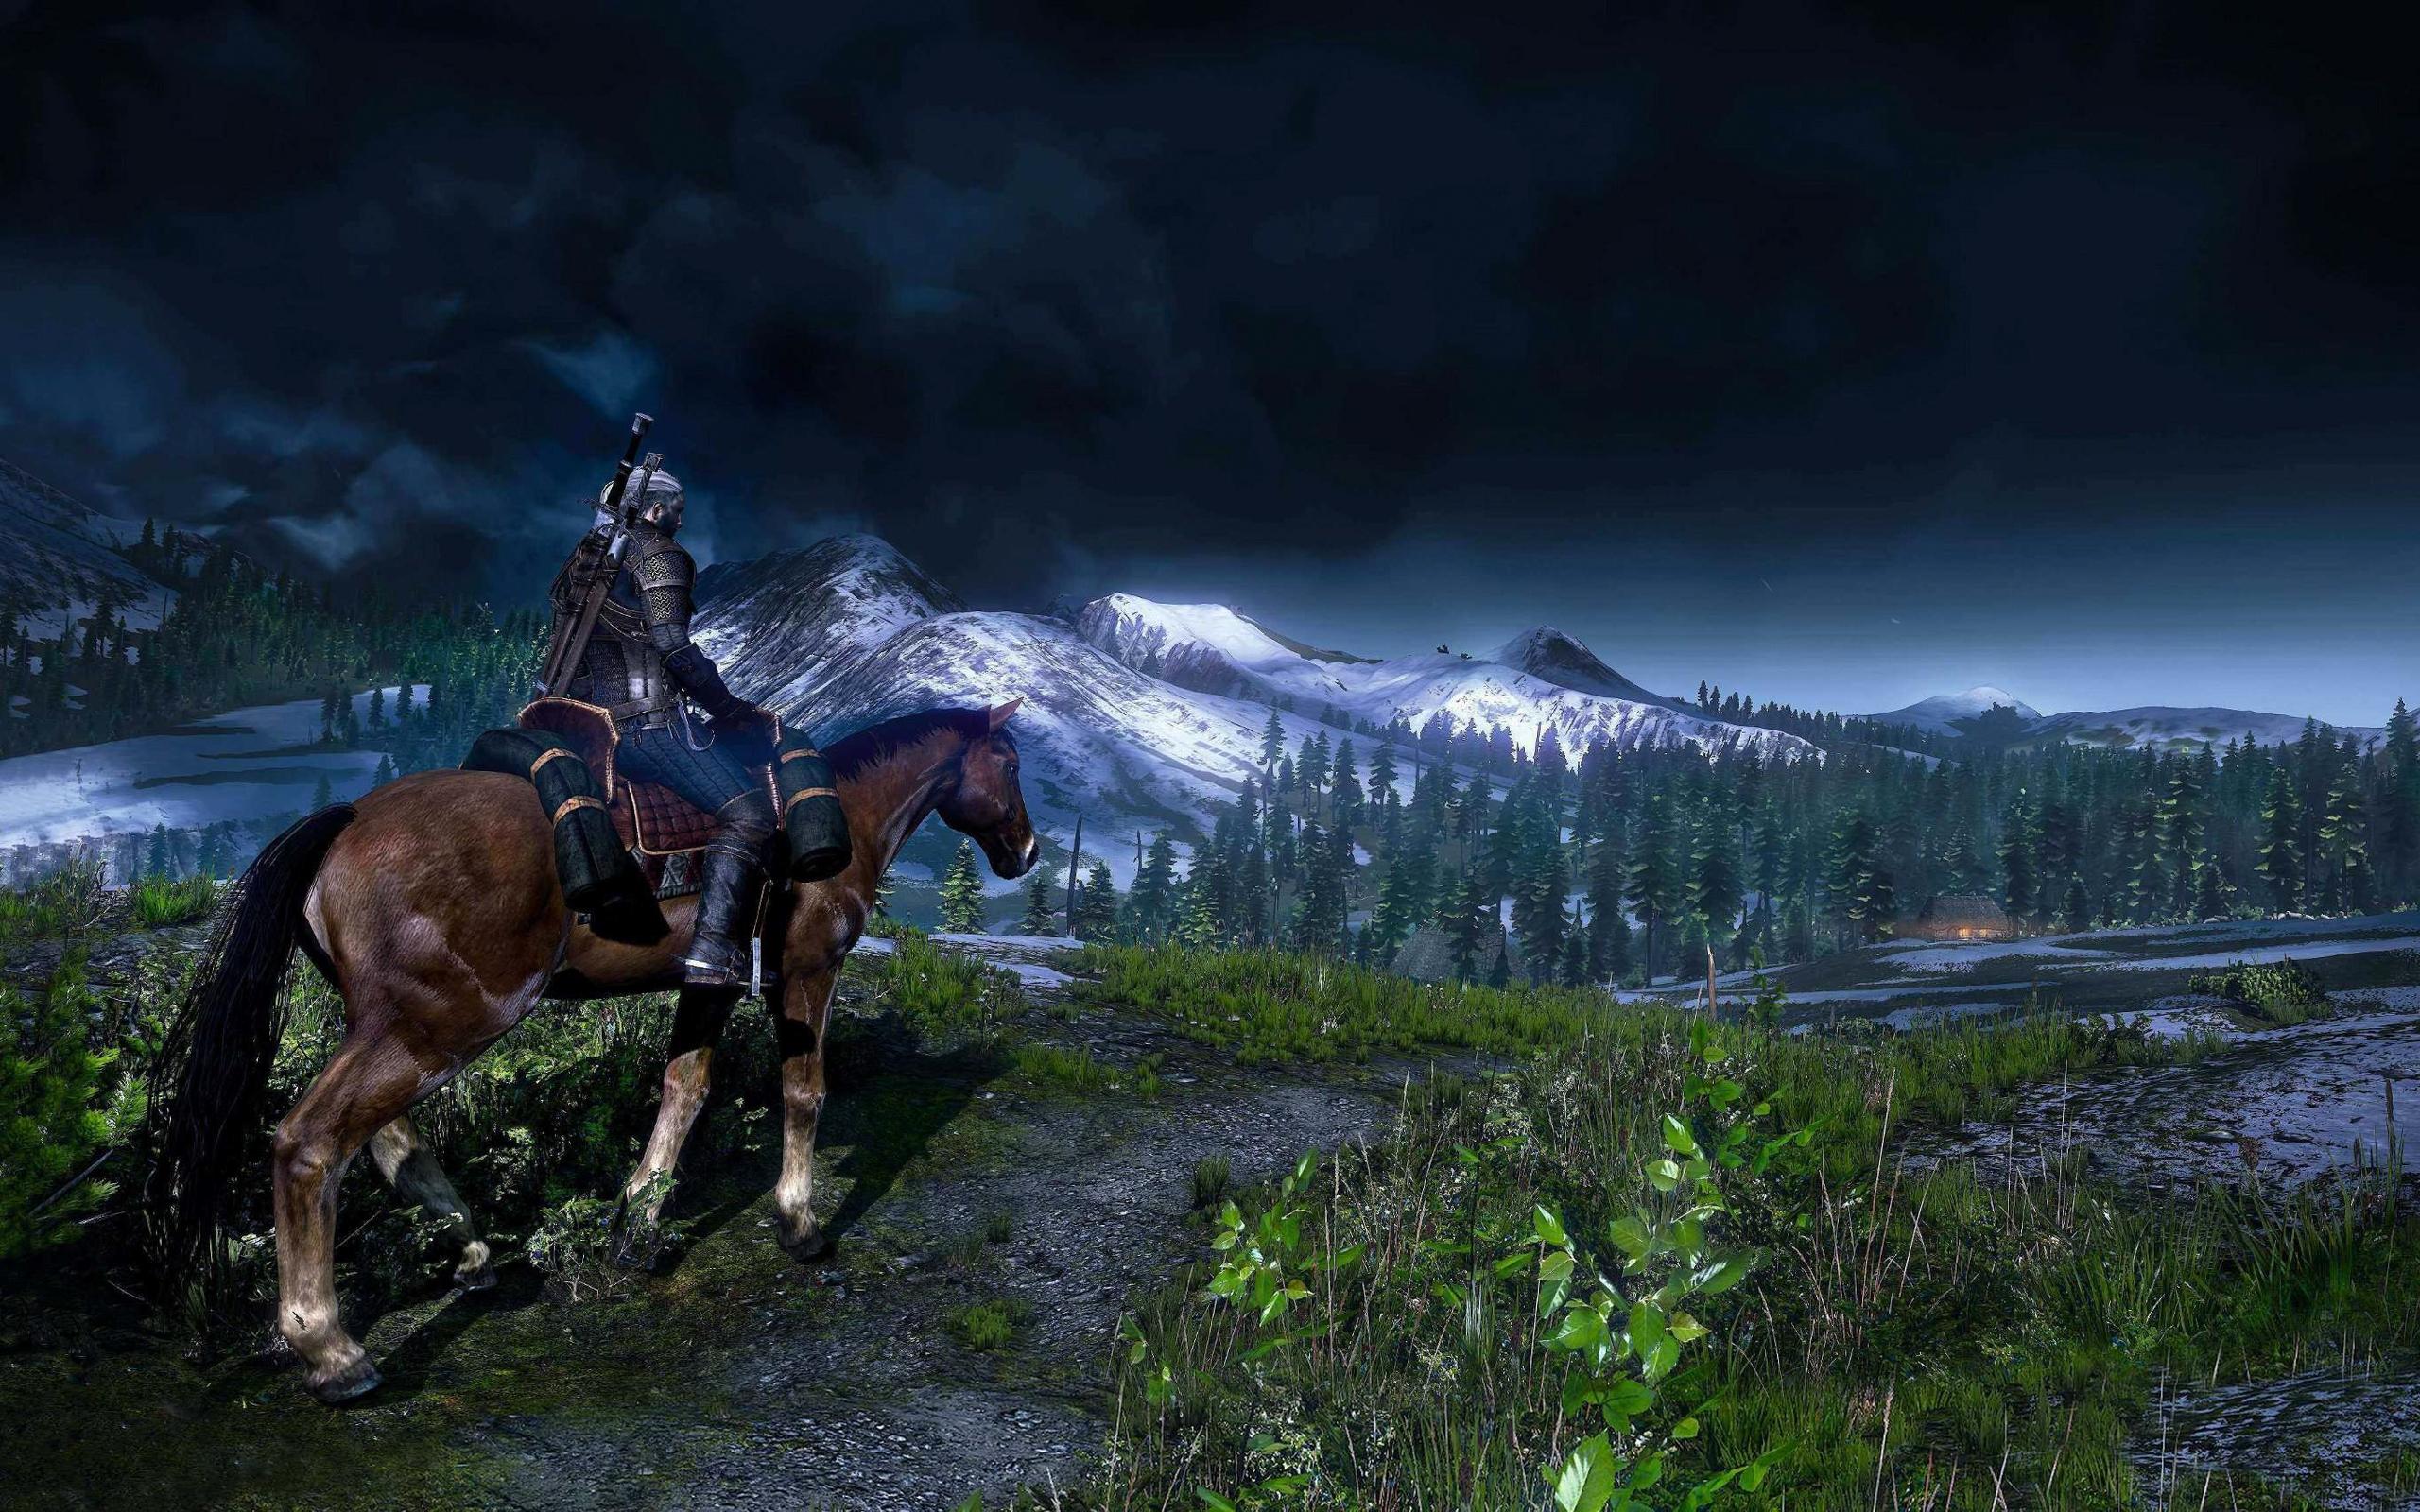 Vedmak 3 Geralt Na Kone Oboi Dlya Rabochego Stola Kartinki I Foto